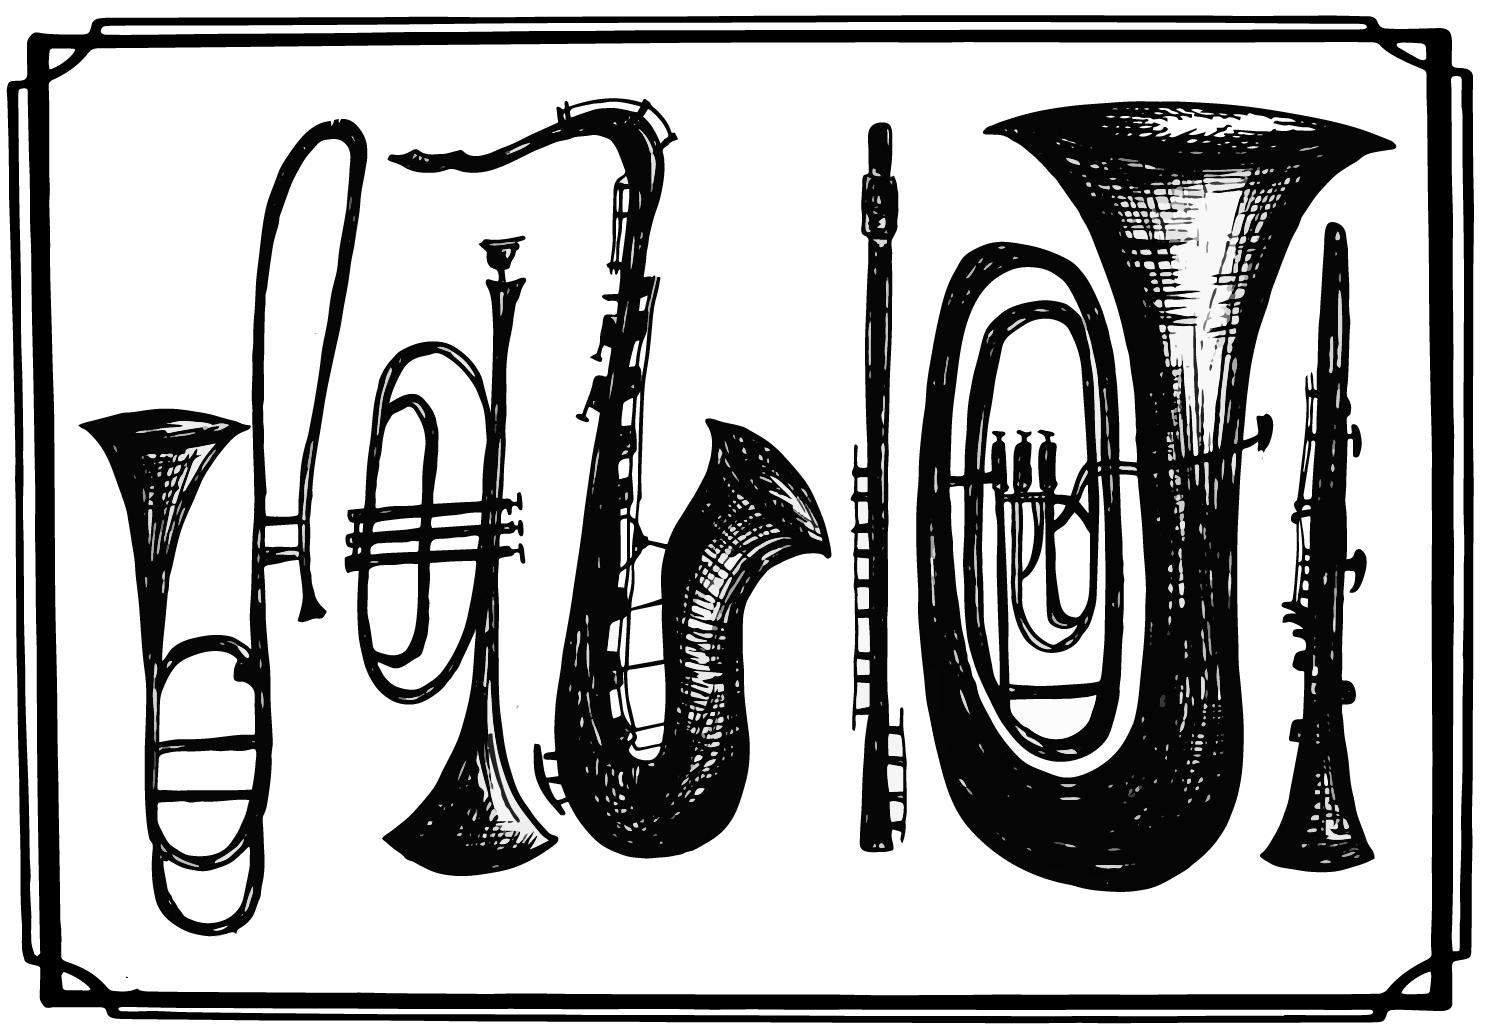 Dessin instruments réparés Atelier La vie des vents